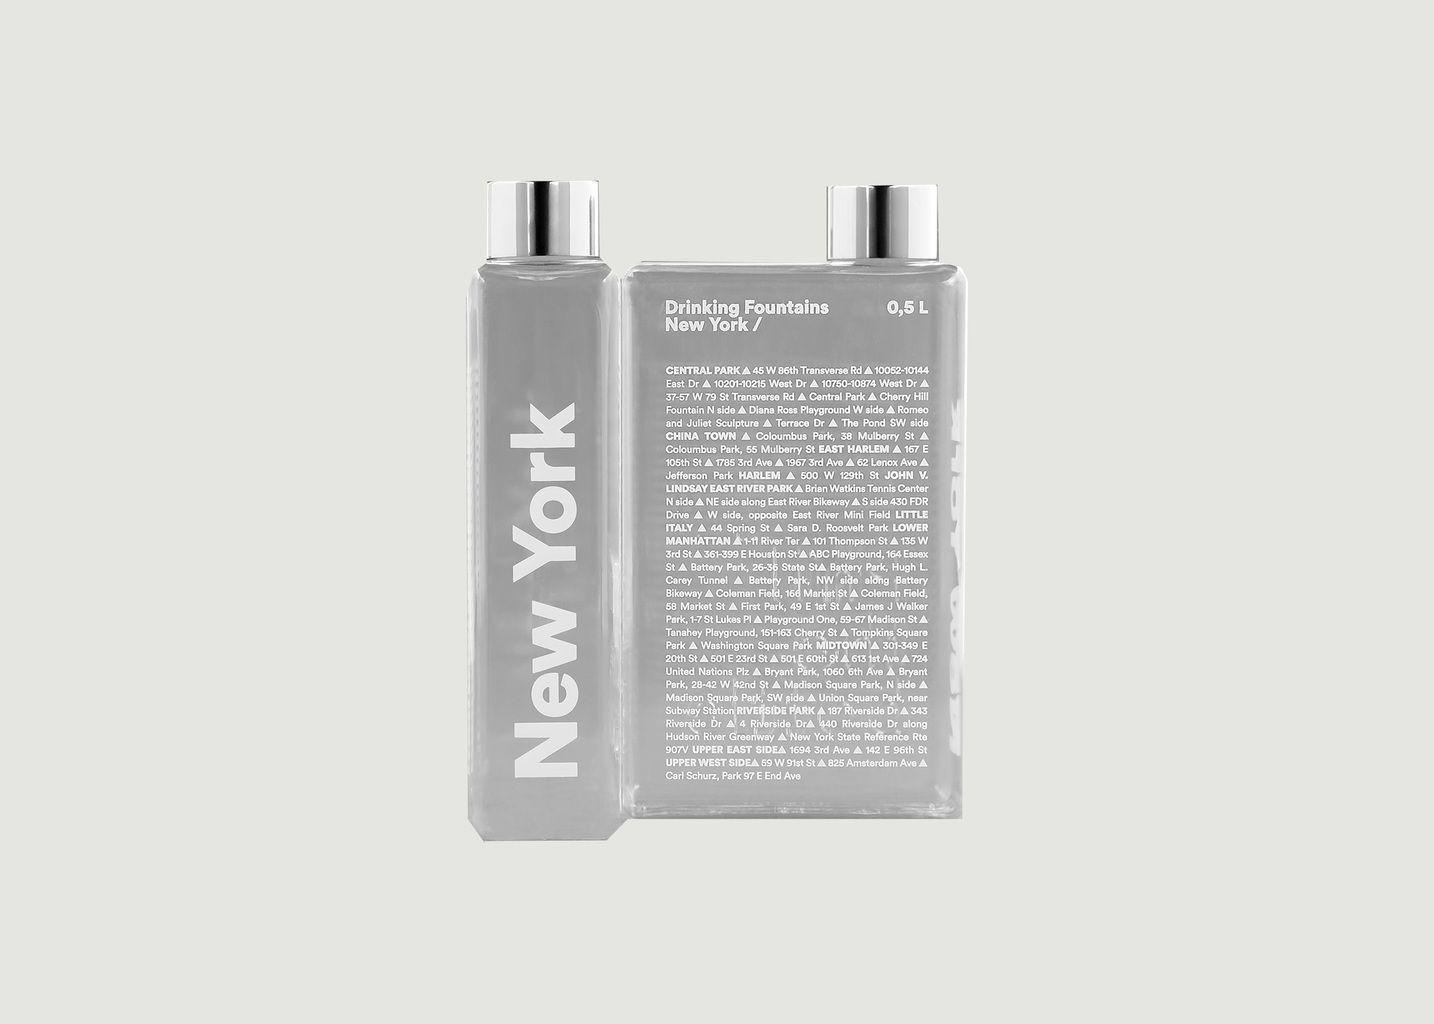 Phil The Bottle New York 500ml - Palomar